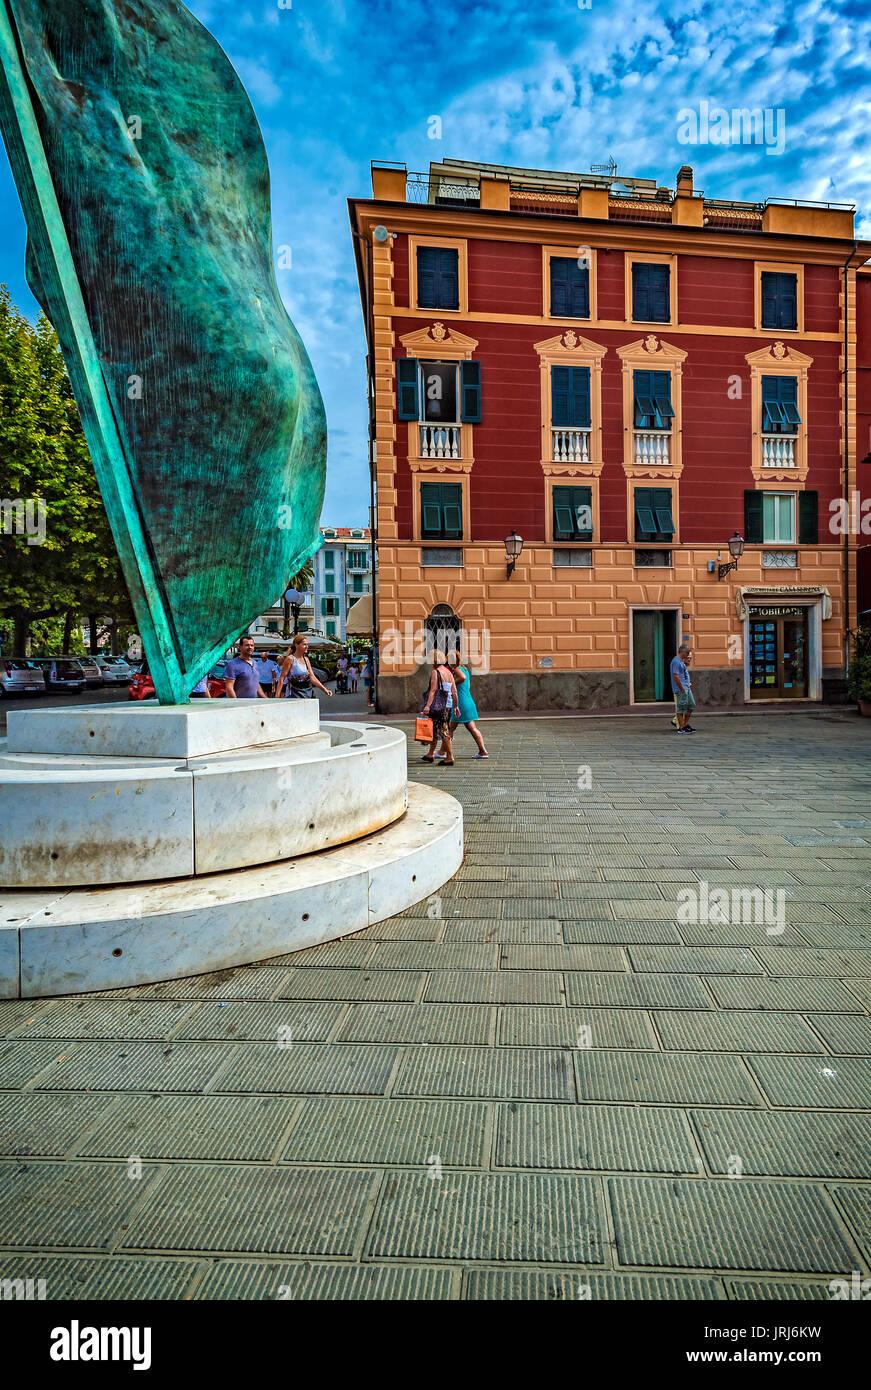 Italy Liguria Sestri Levante Piazza Bo 'Vela Per Colombo ' By Giò Pomodoro - Stock Image